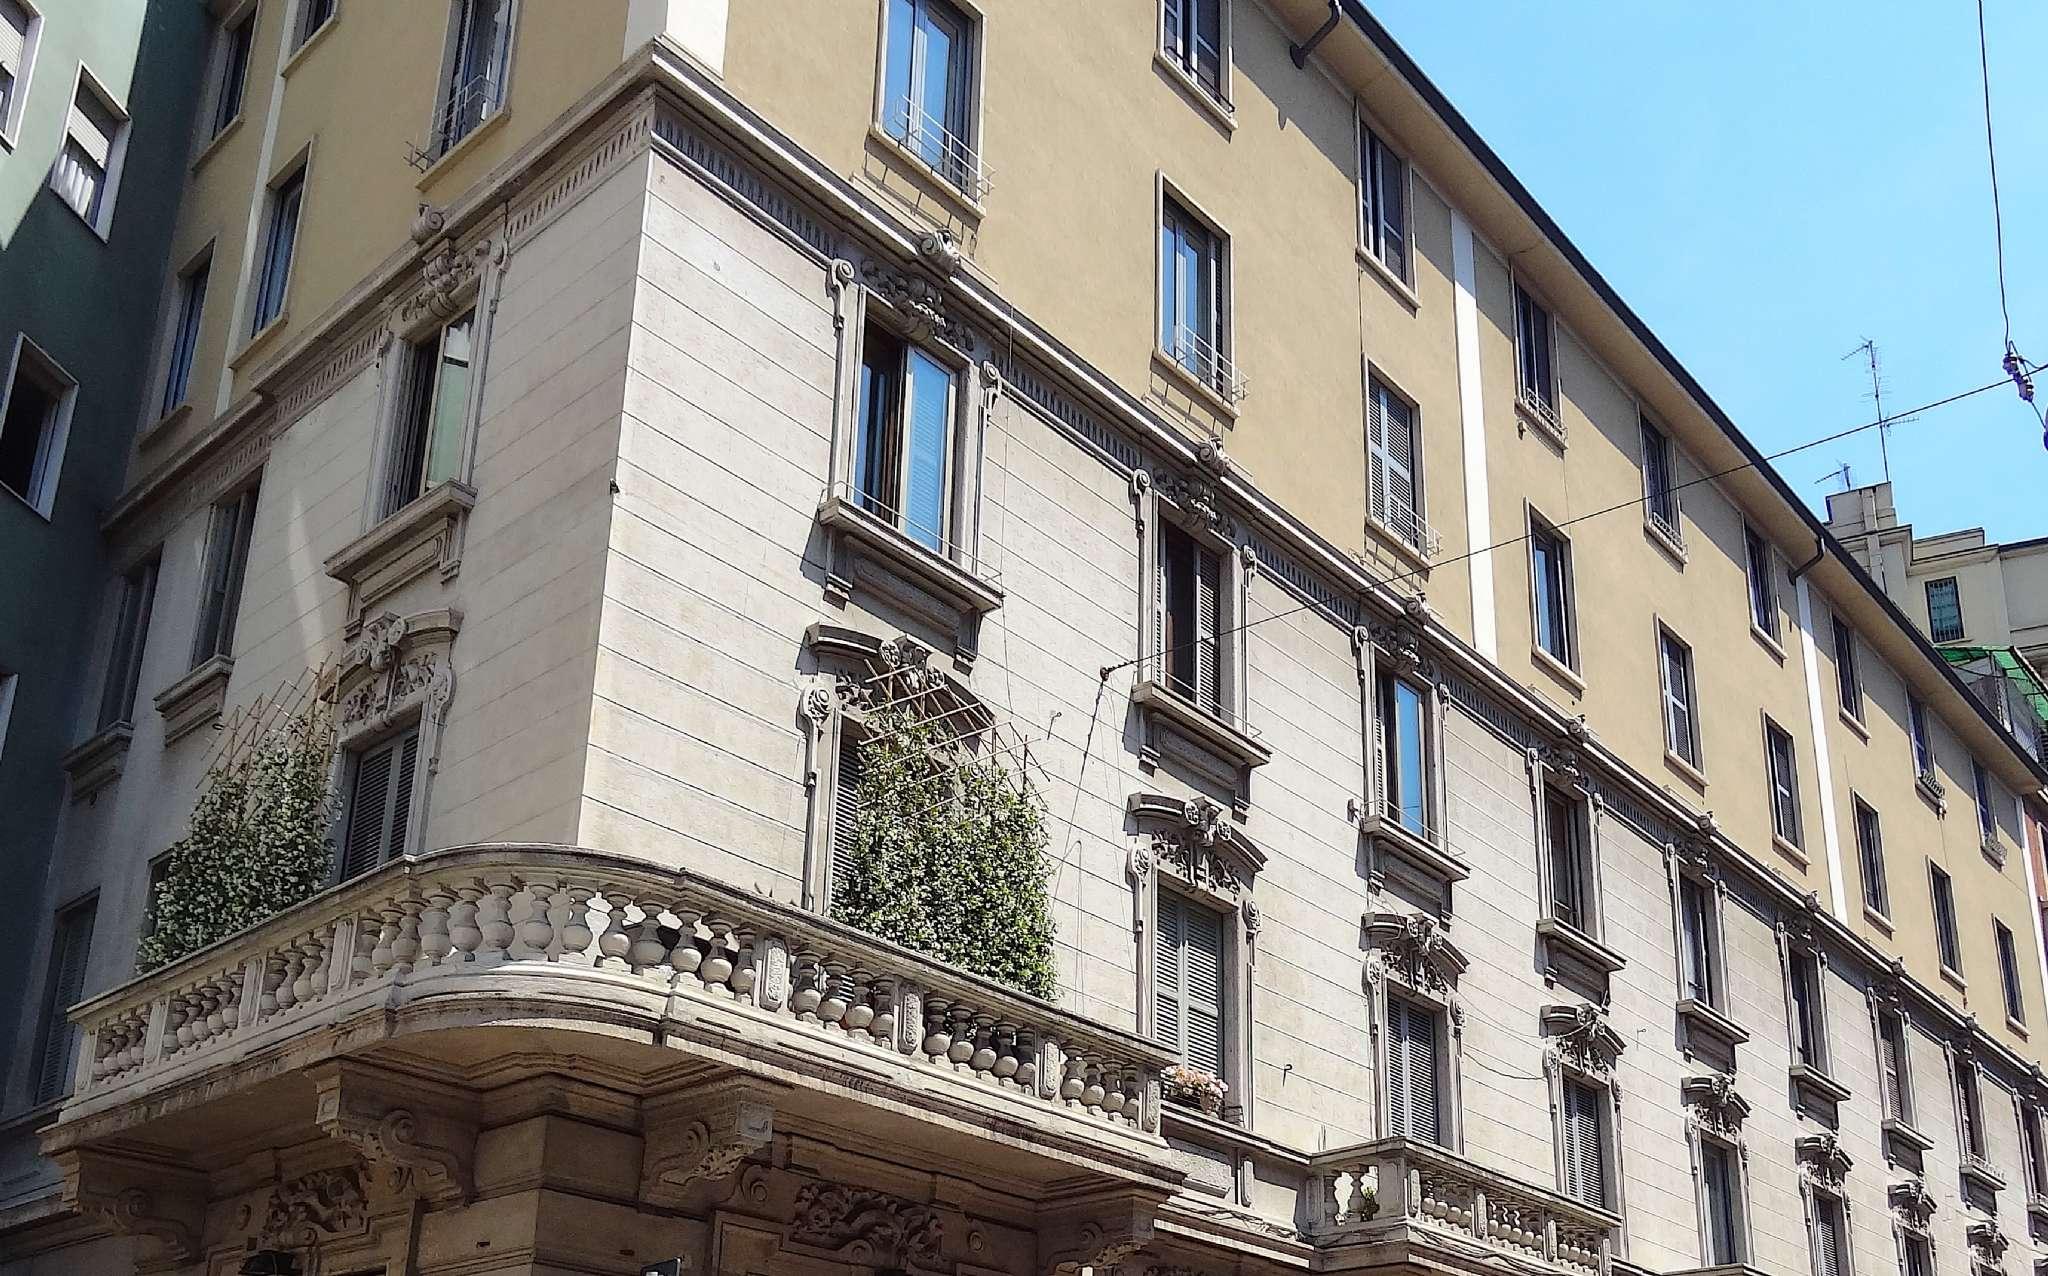 Monolocale in Affitto a Milano 03 Venezia / Piave / Buenos Aires: 1 locali, 20 mq